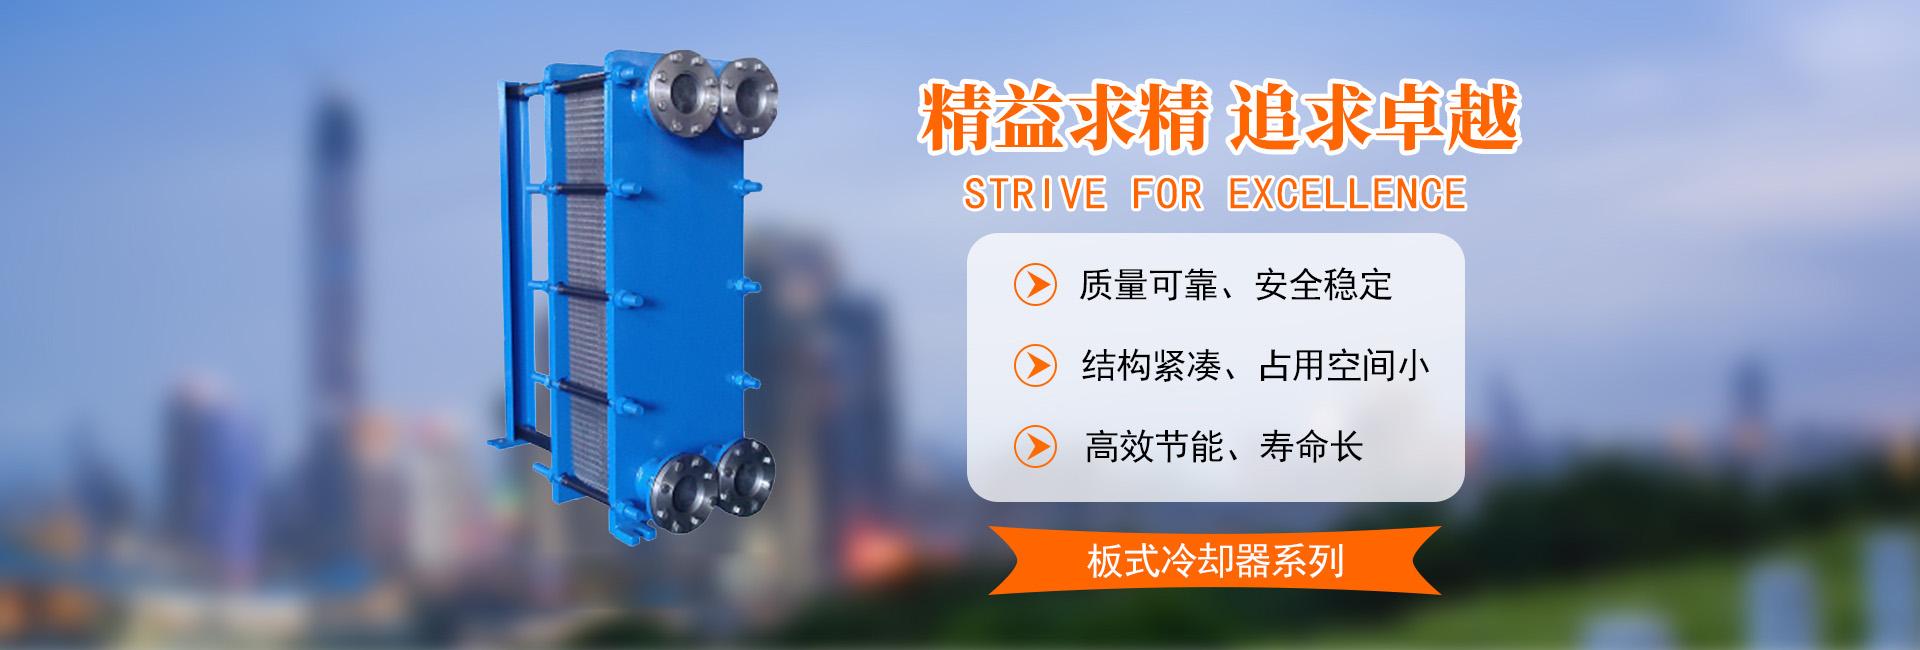 板殼式換熱器,板式換熱器定制 ,板式換熱器